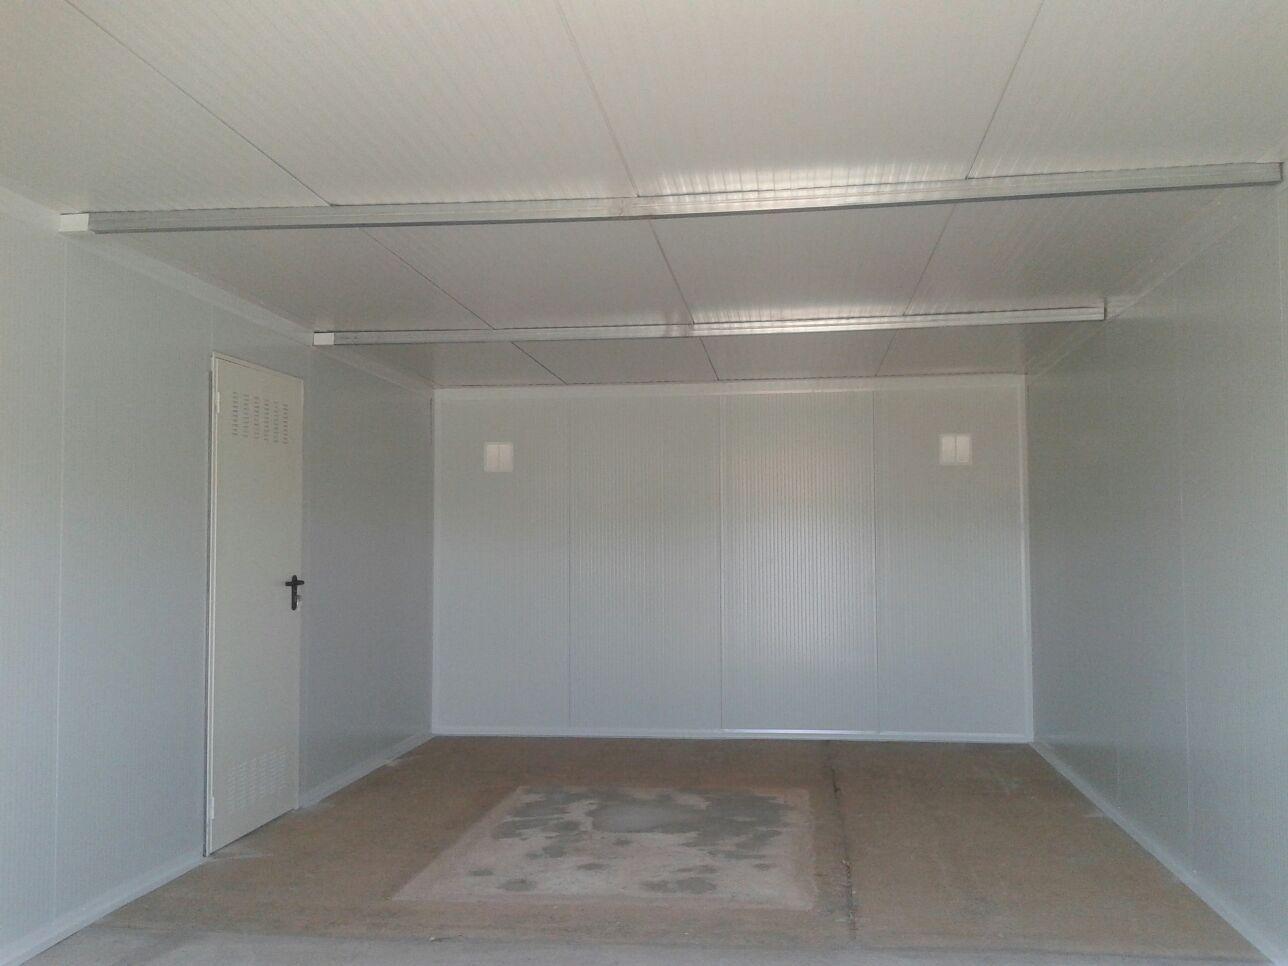 Garaje Prefabricado Gerona